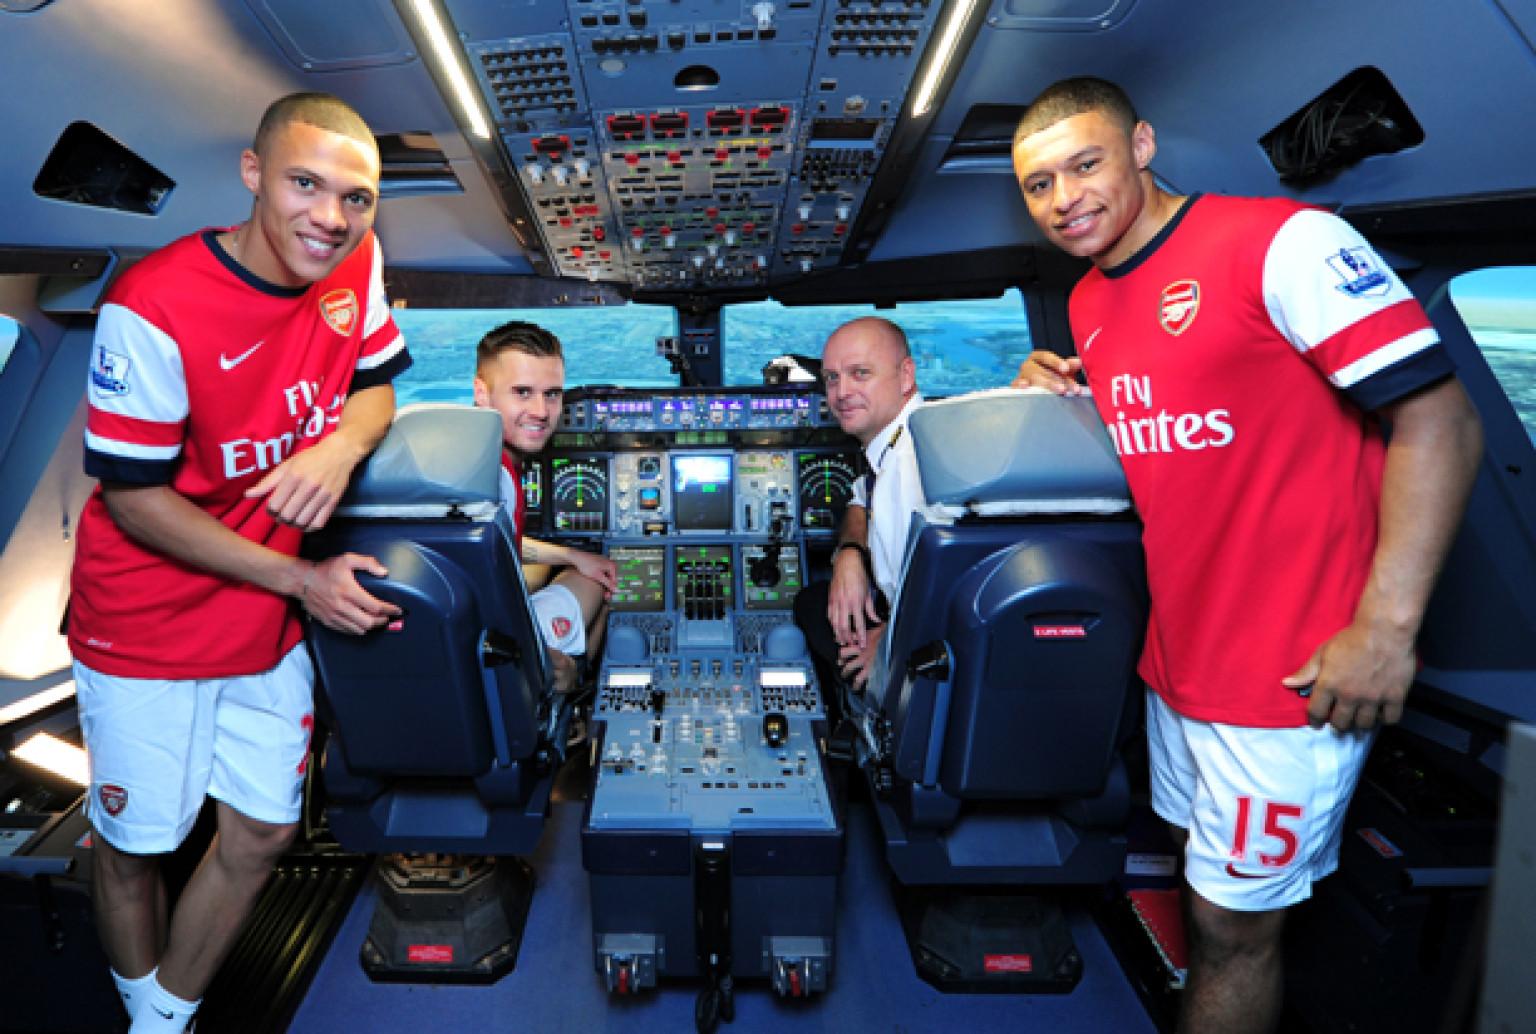 piłkarze Arsenalu podczas sesji reklamowej Fly Emirates